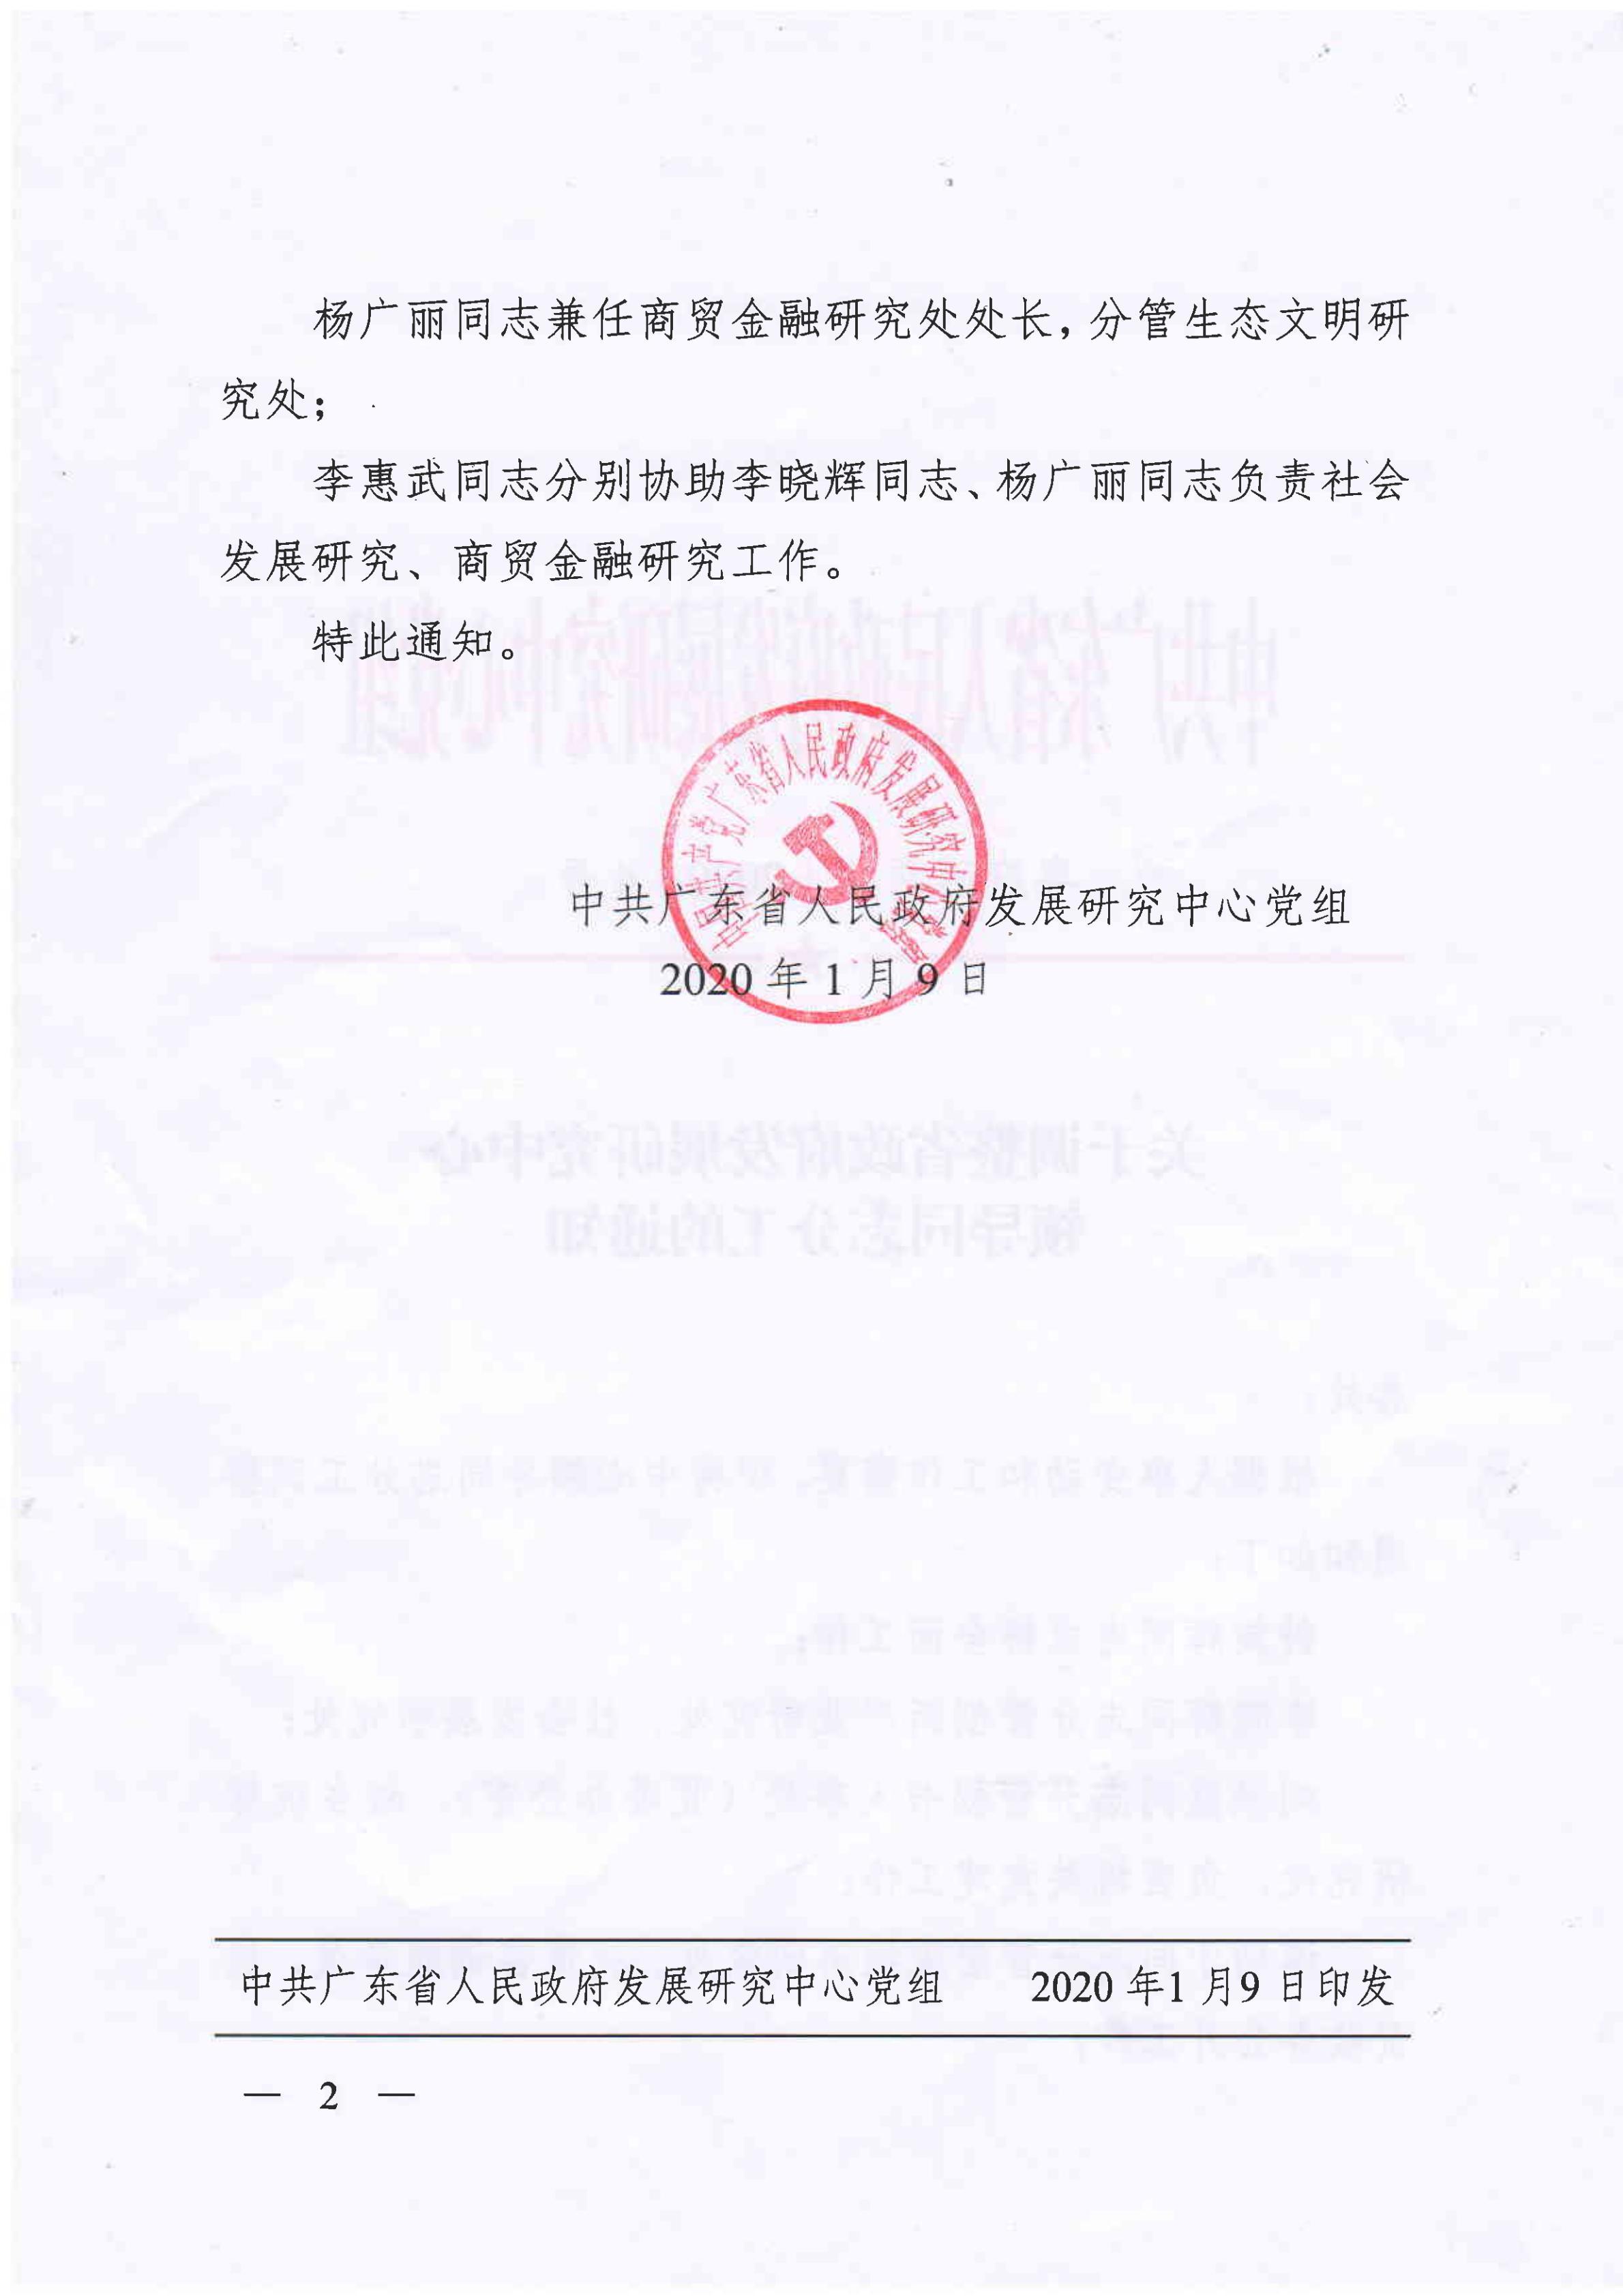 粤府研党字【2020】4号 - 调整领导分工的通知_01.jpg